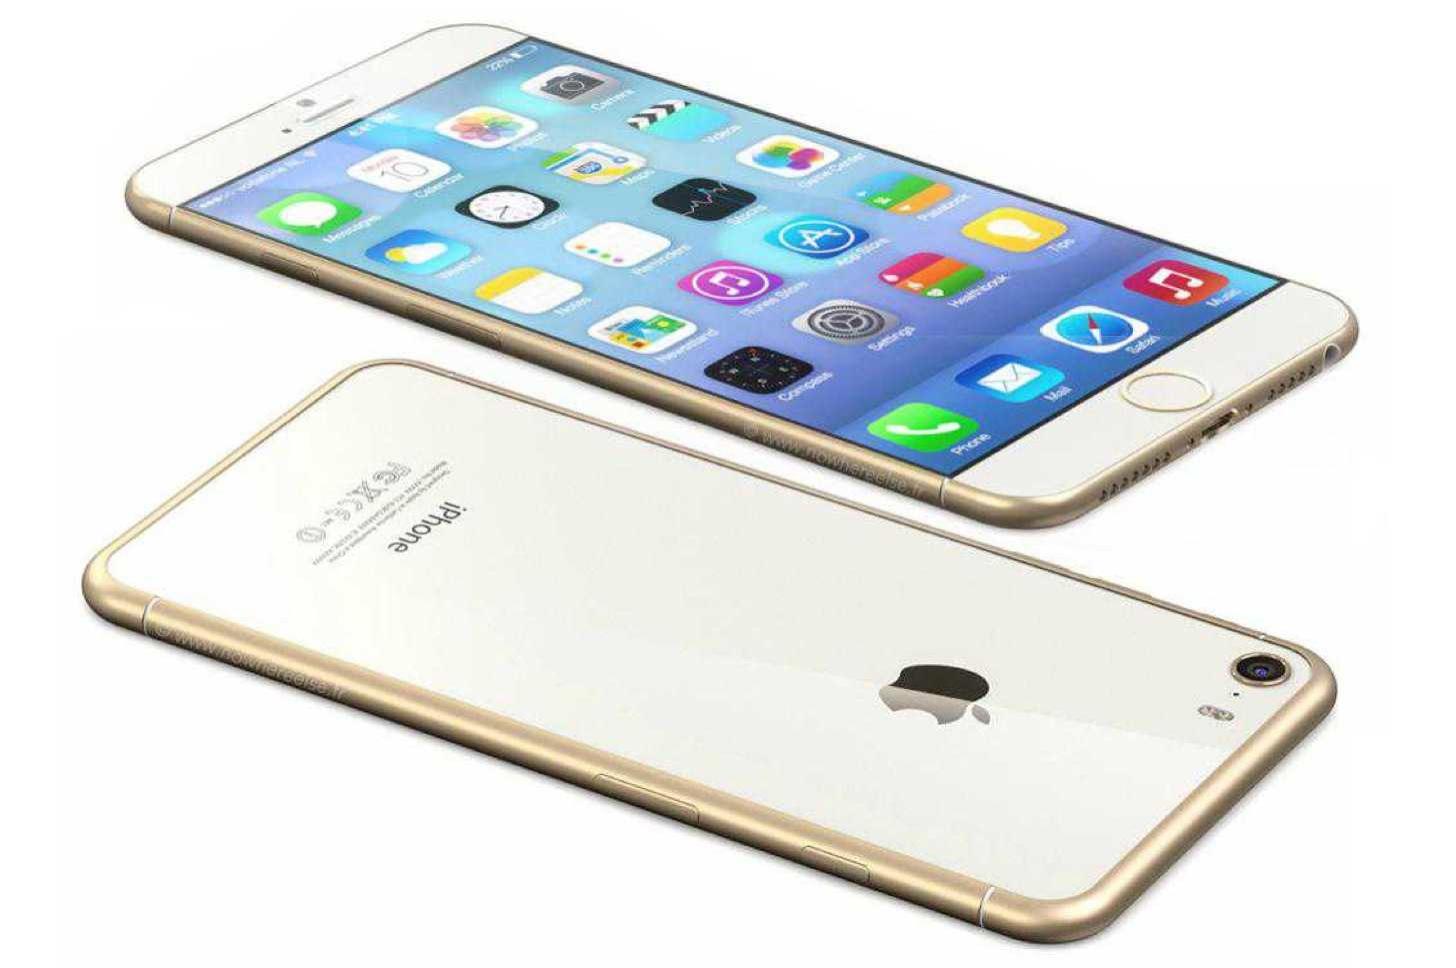 iPhone 6の4.7インチ版、5.5インチ版のサイズがリーク!? 表をつくってiPhone 5sと比較してみたけど…。